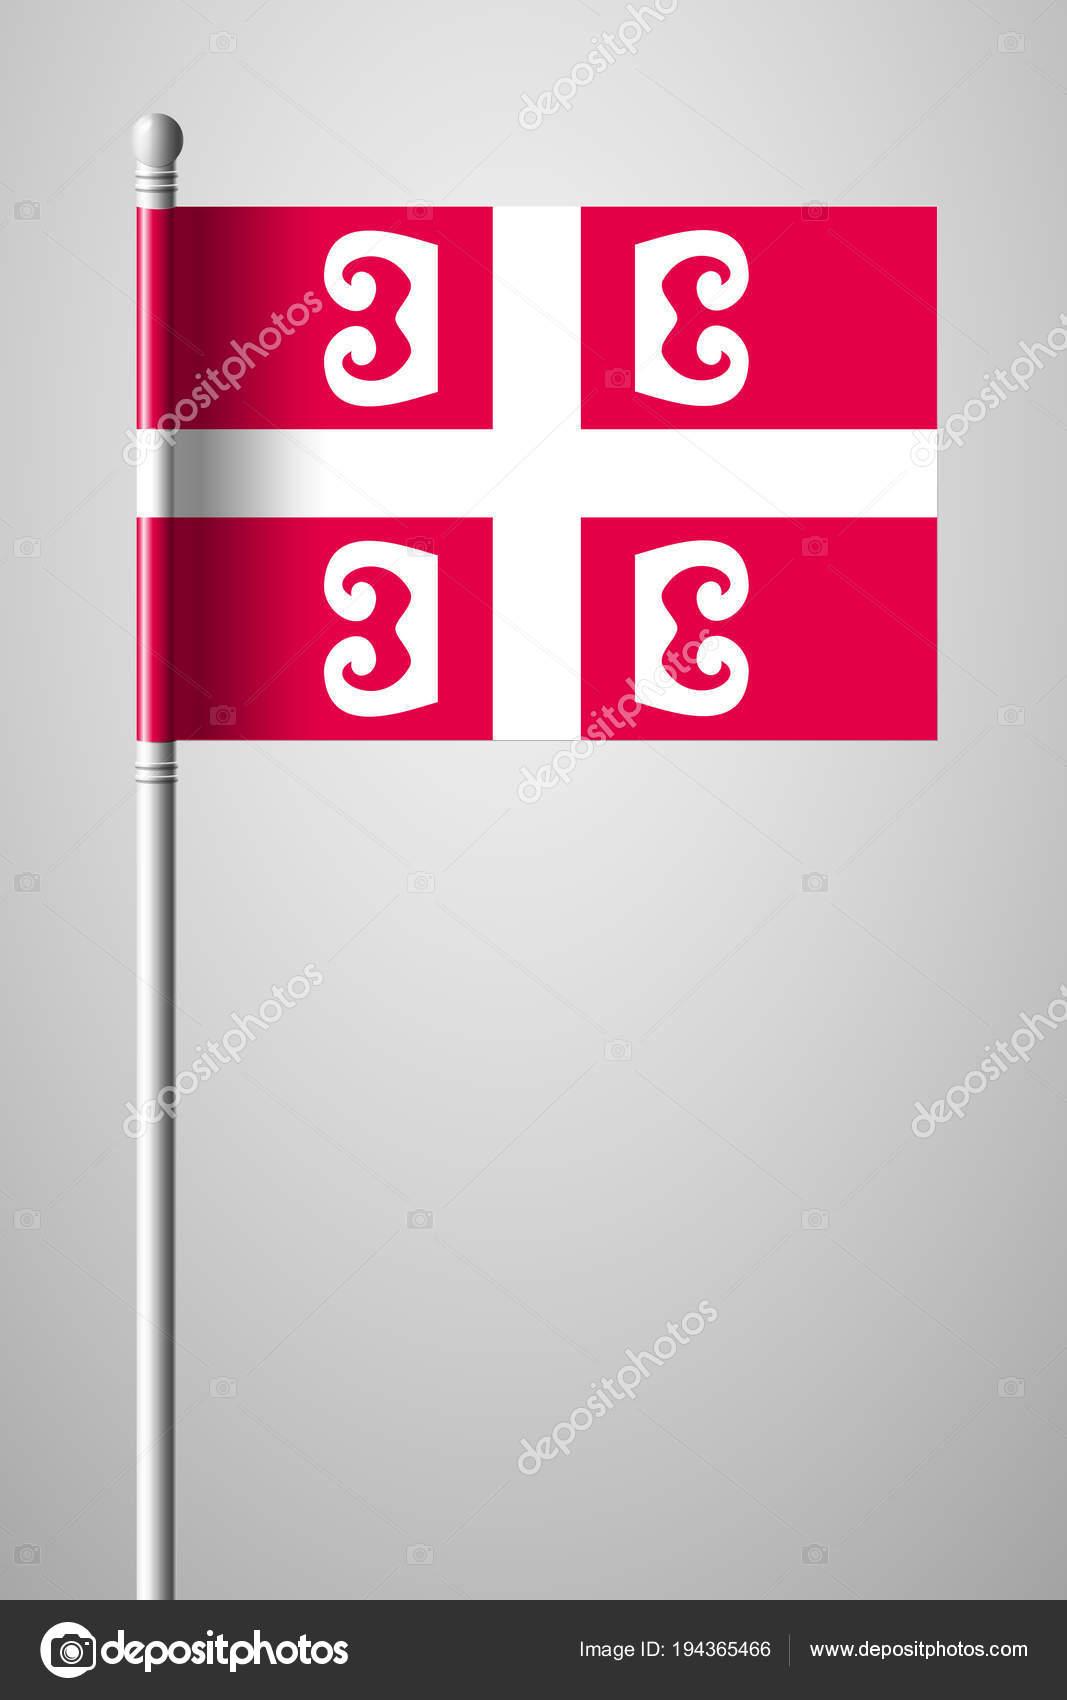 grattis på födelsedagen serbiska Serbiska Cross. Nationell Symbol för Serbien. Flagga på Flagp  grattis på födelsedagen serbiska